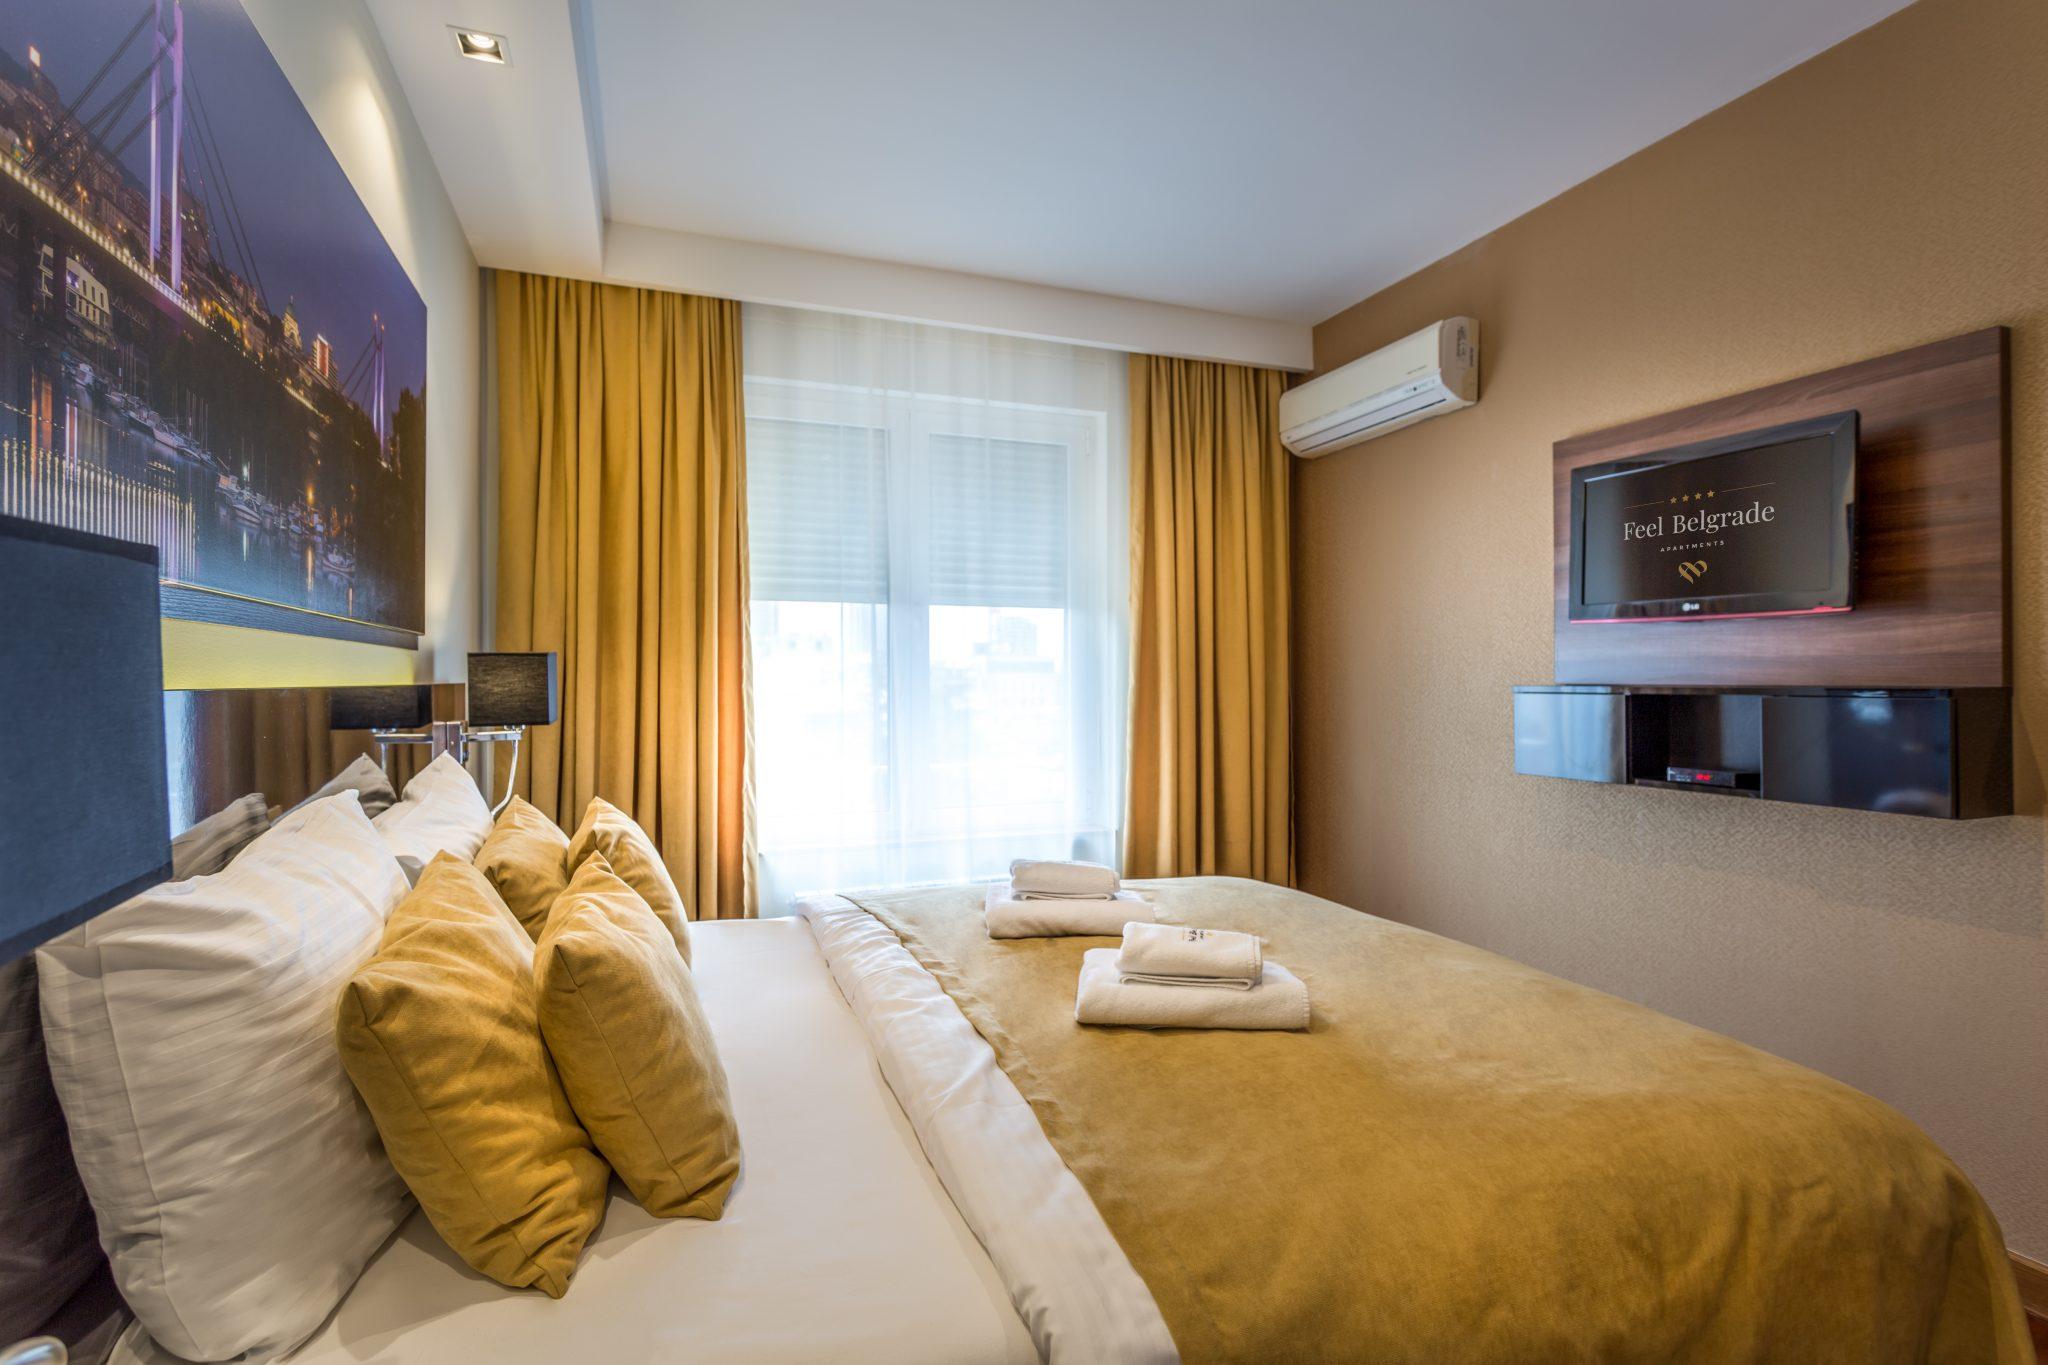 Apartman A 102 jedna spavaca soba sa terasom